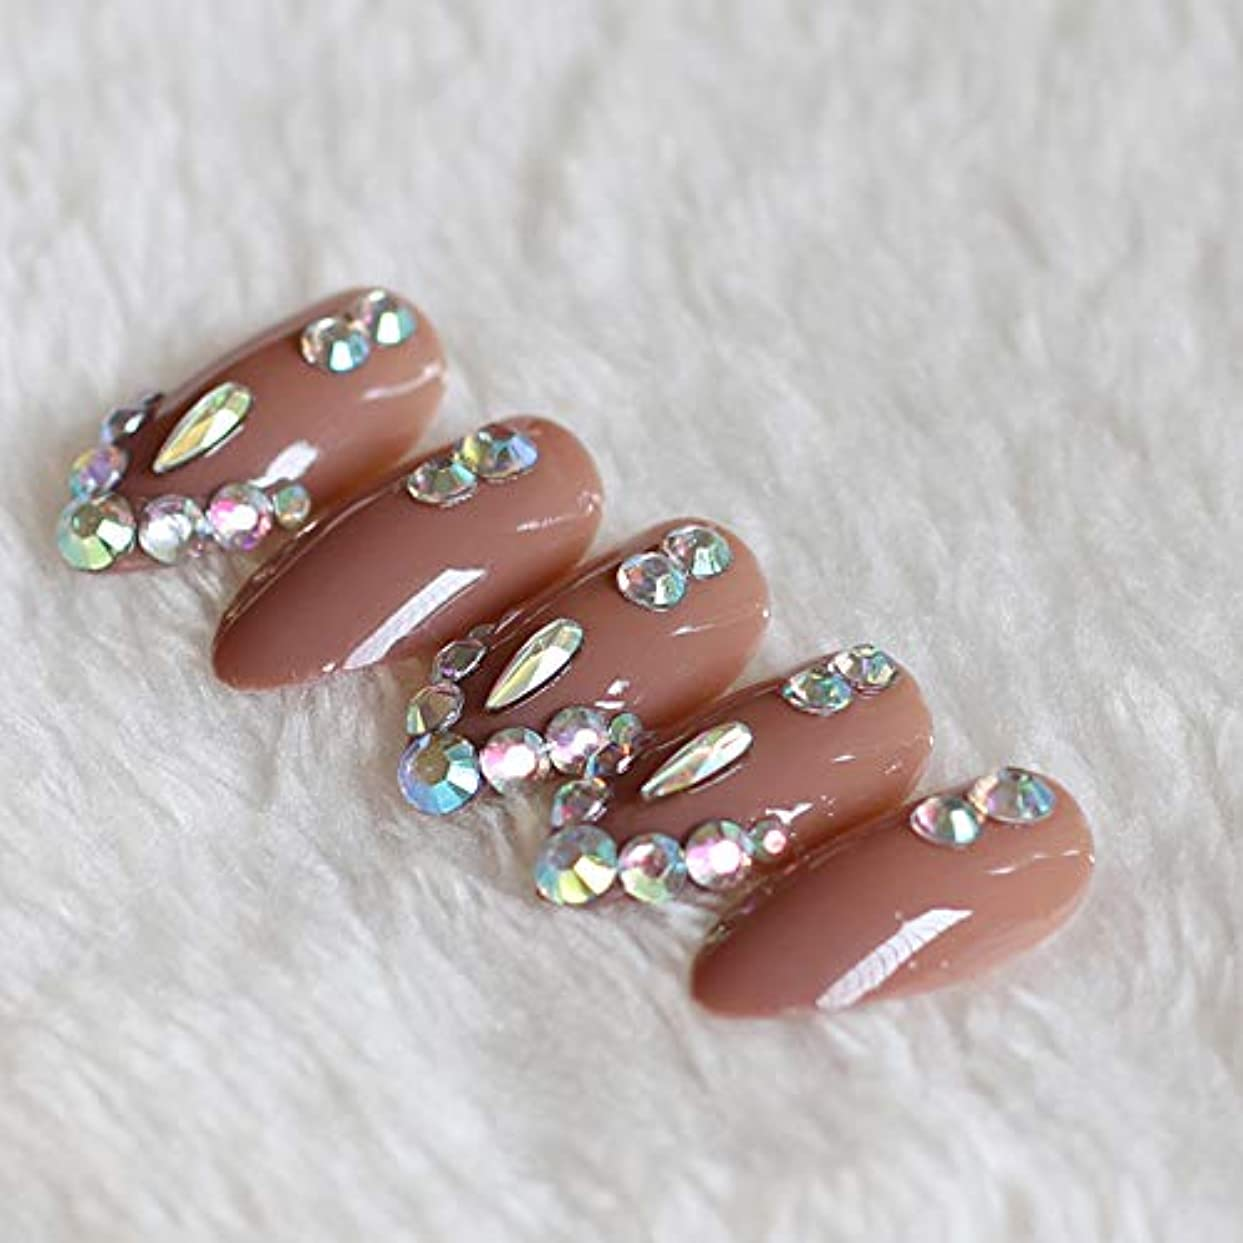 パンフレット治す奨励XUTXZKA 偽爪の薄いハイヒールブラウンダイヤモンドクリスタルで満たされた24個